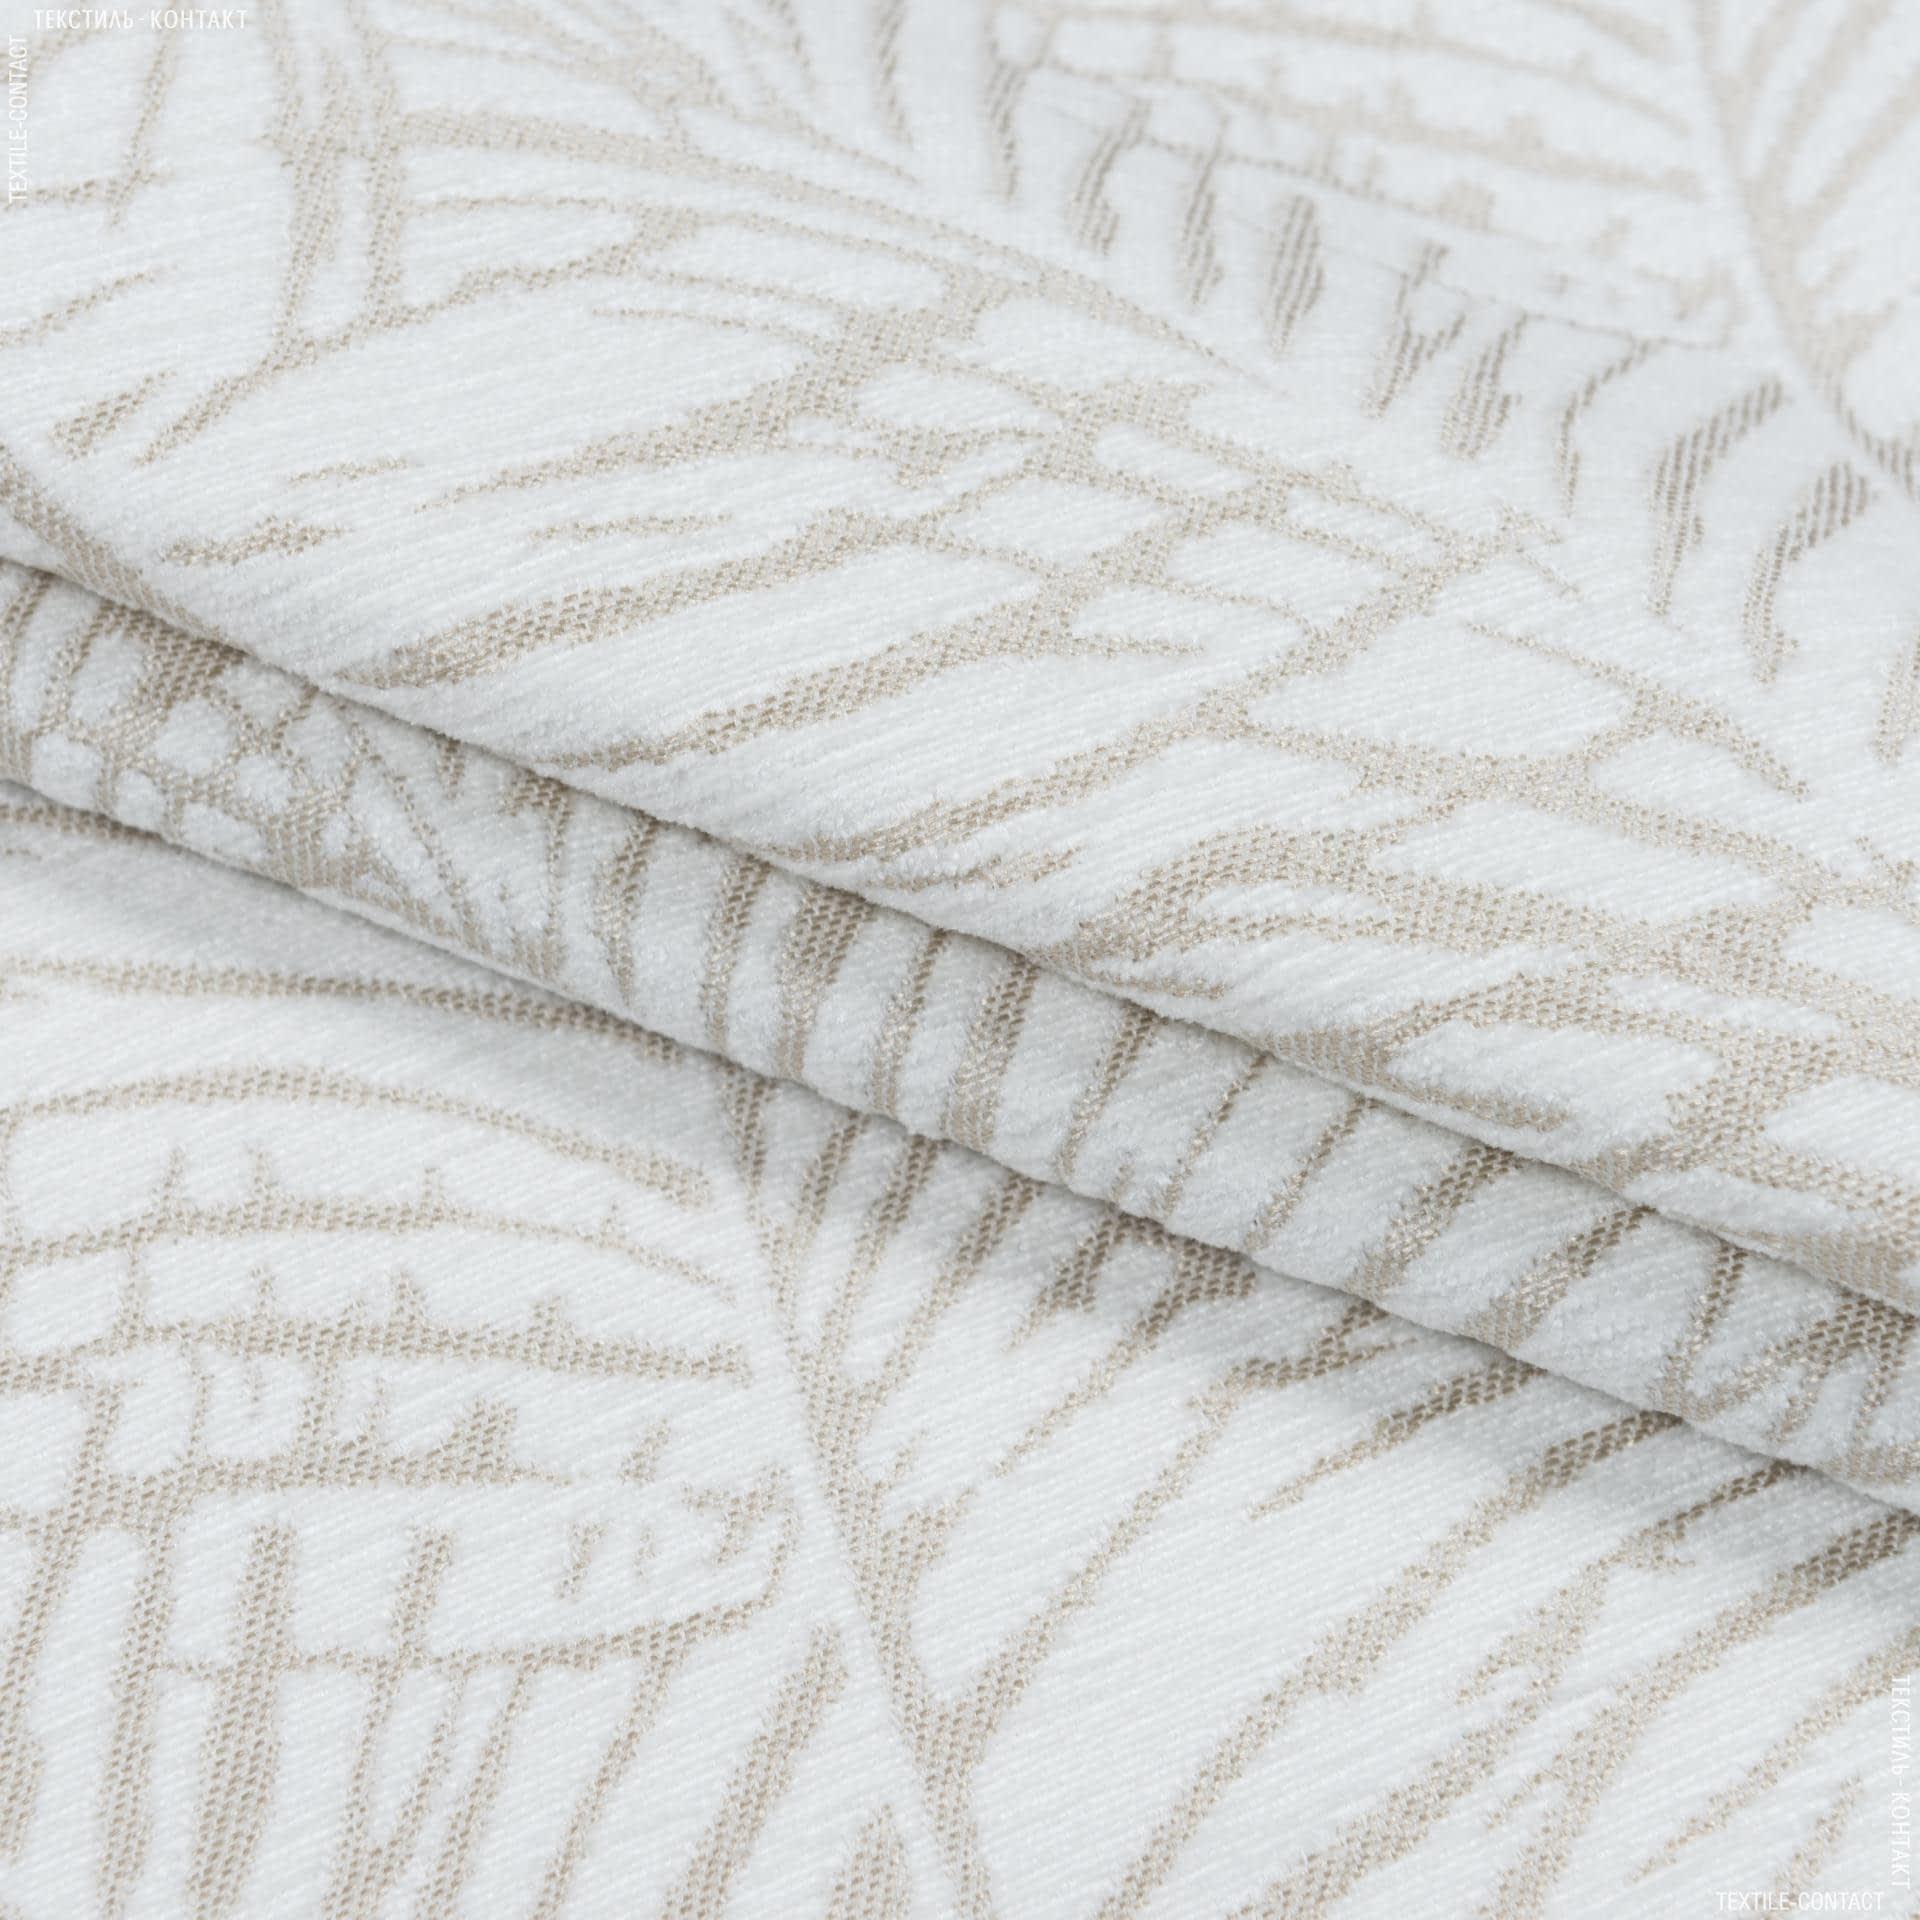 Ткани портьерные ткани - Декоративная ткань ватсон листья/watson фон св.беж